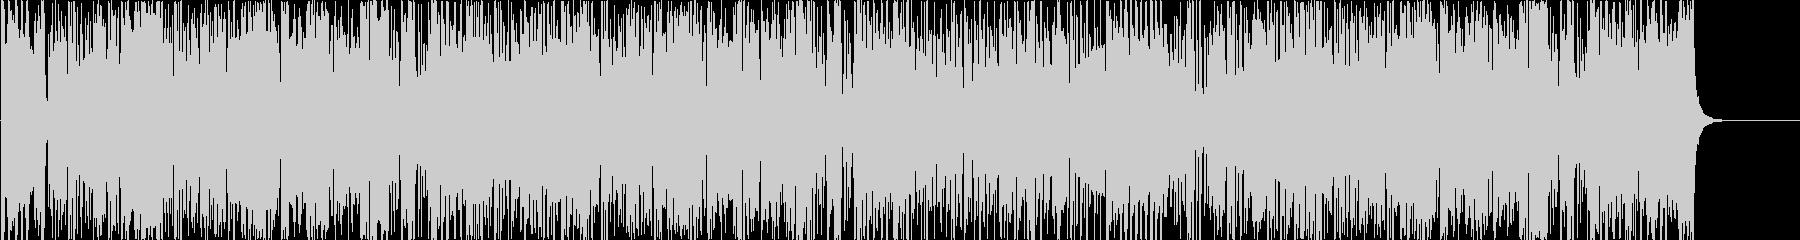 【生演奏】朝の情報番組風バイオリン曲の未再生の波形